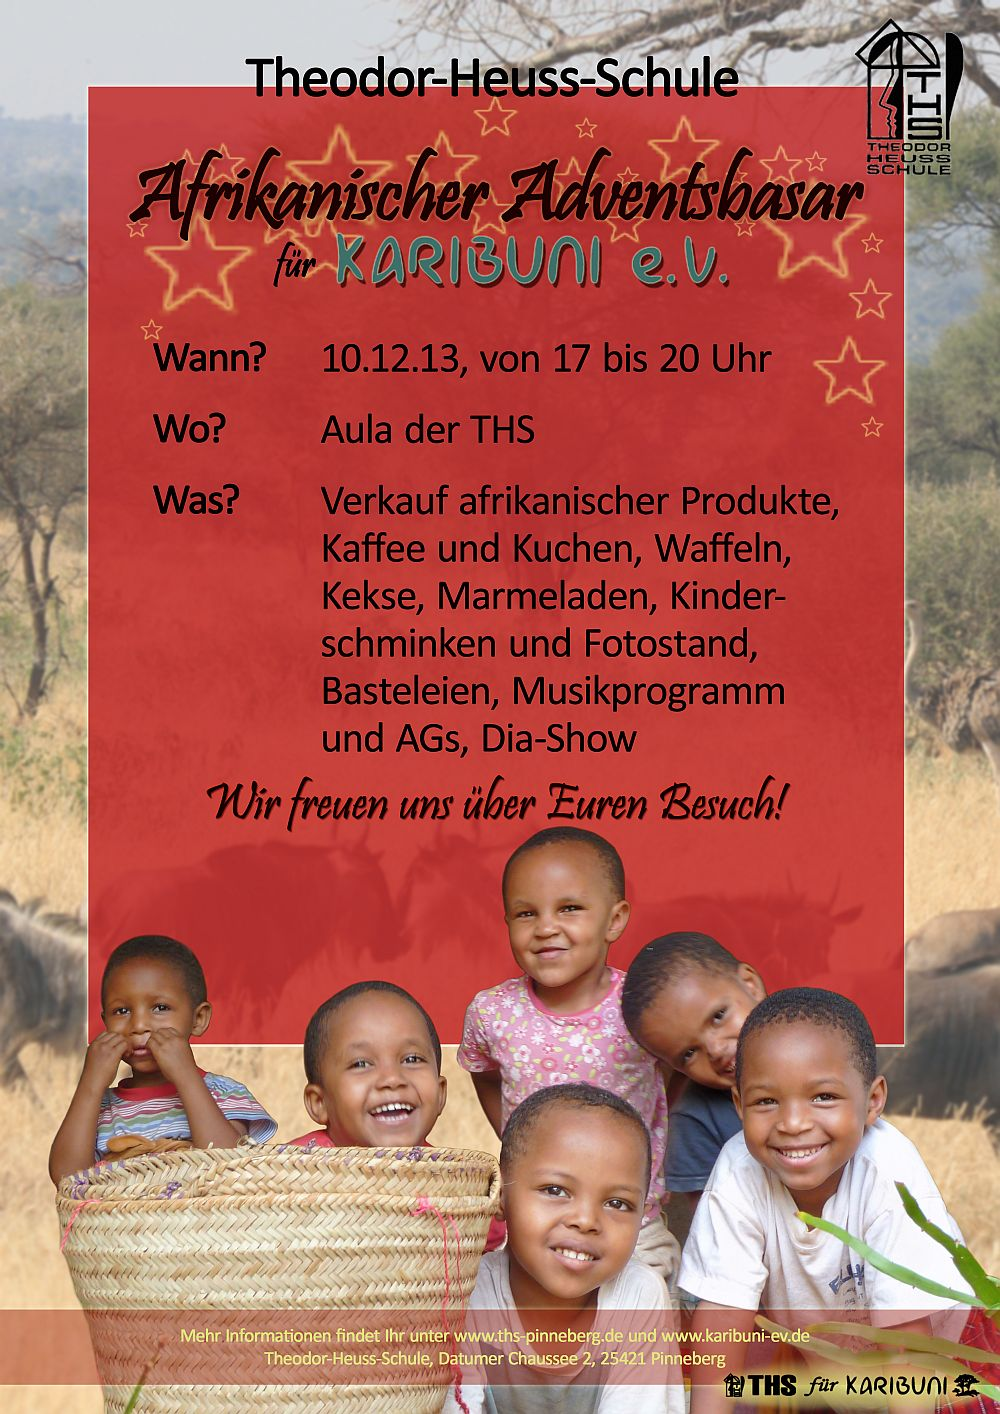 Plakat für den Afrikanischen Adventsbasar der THS